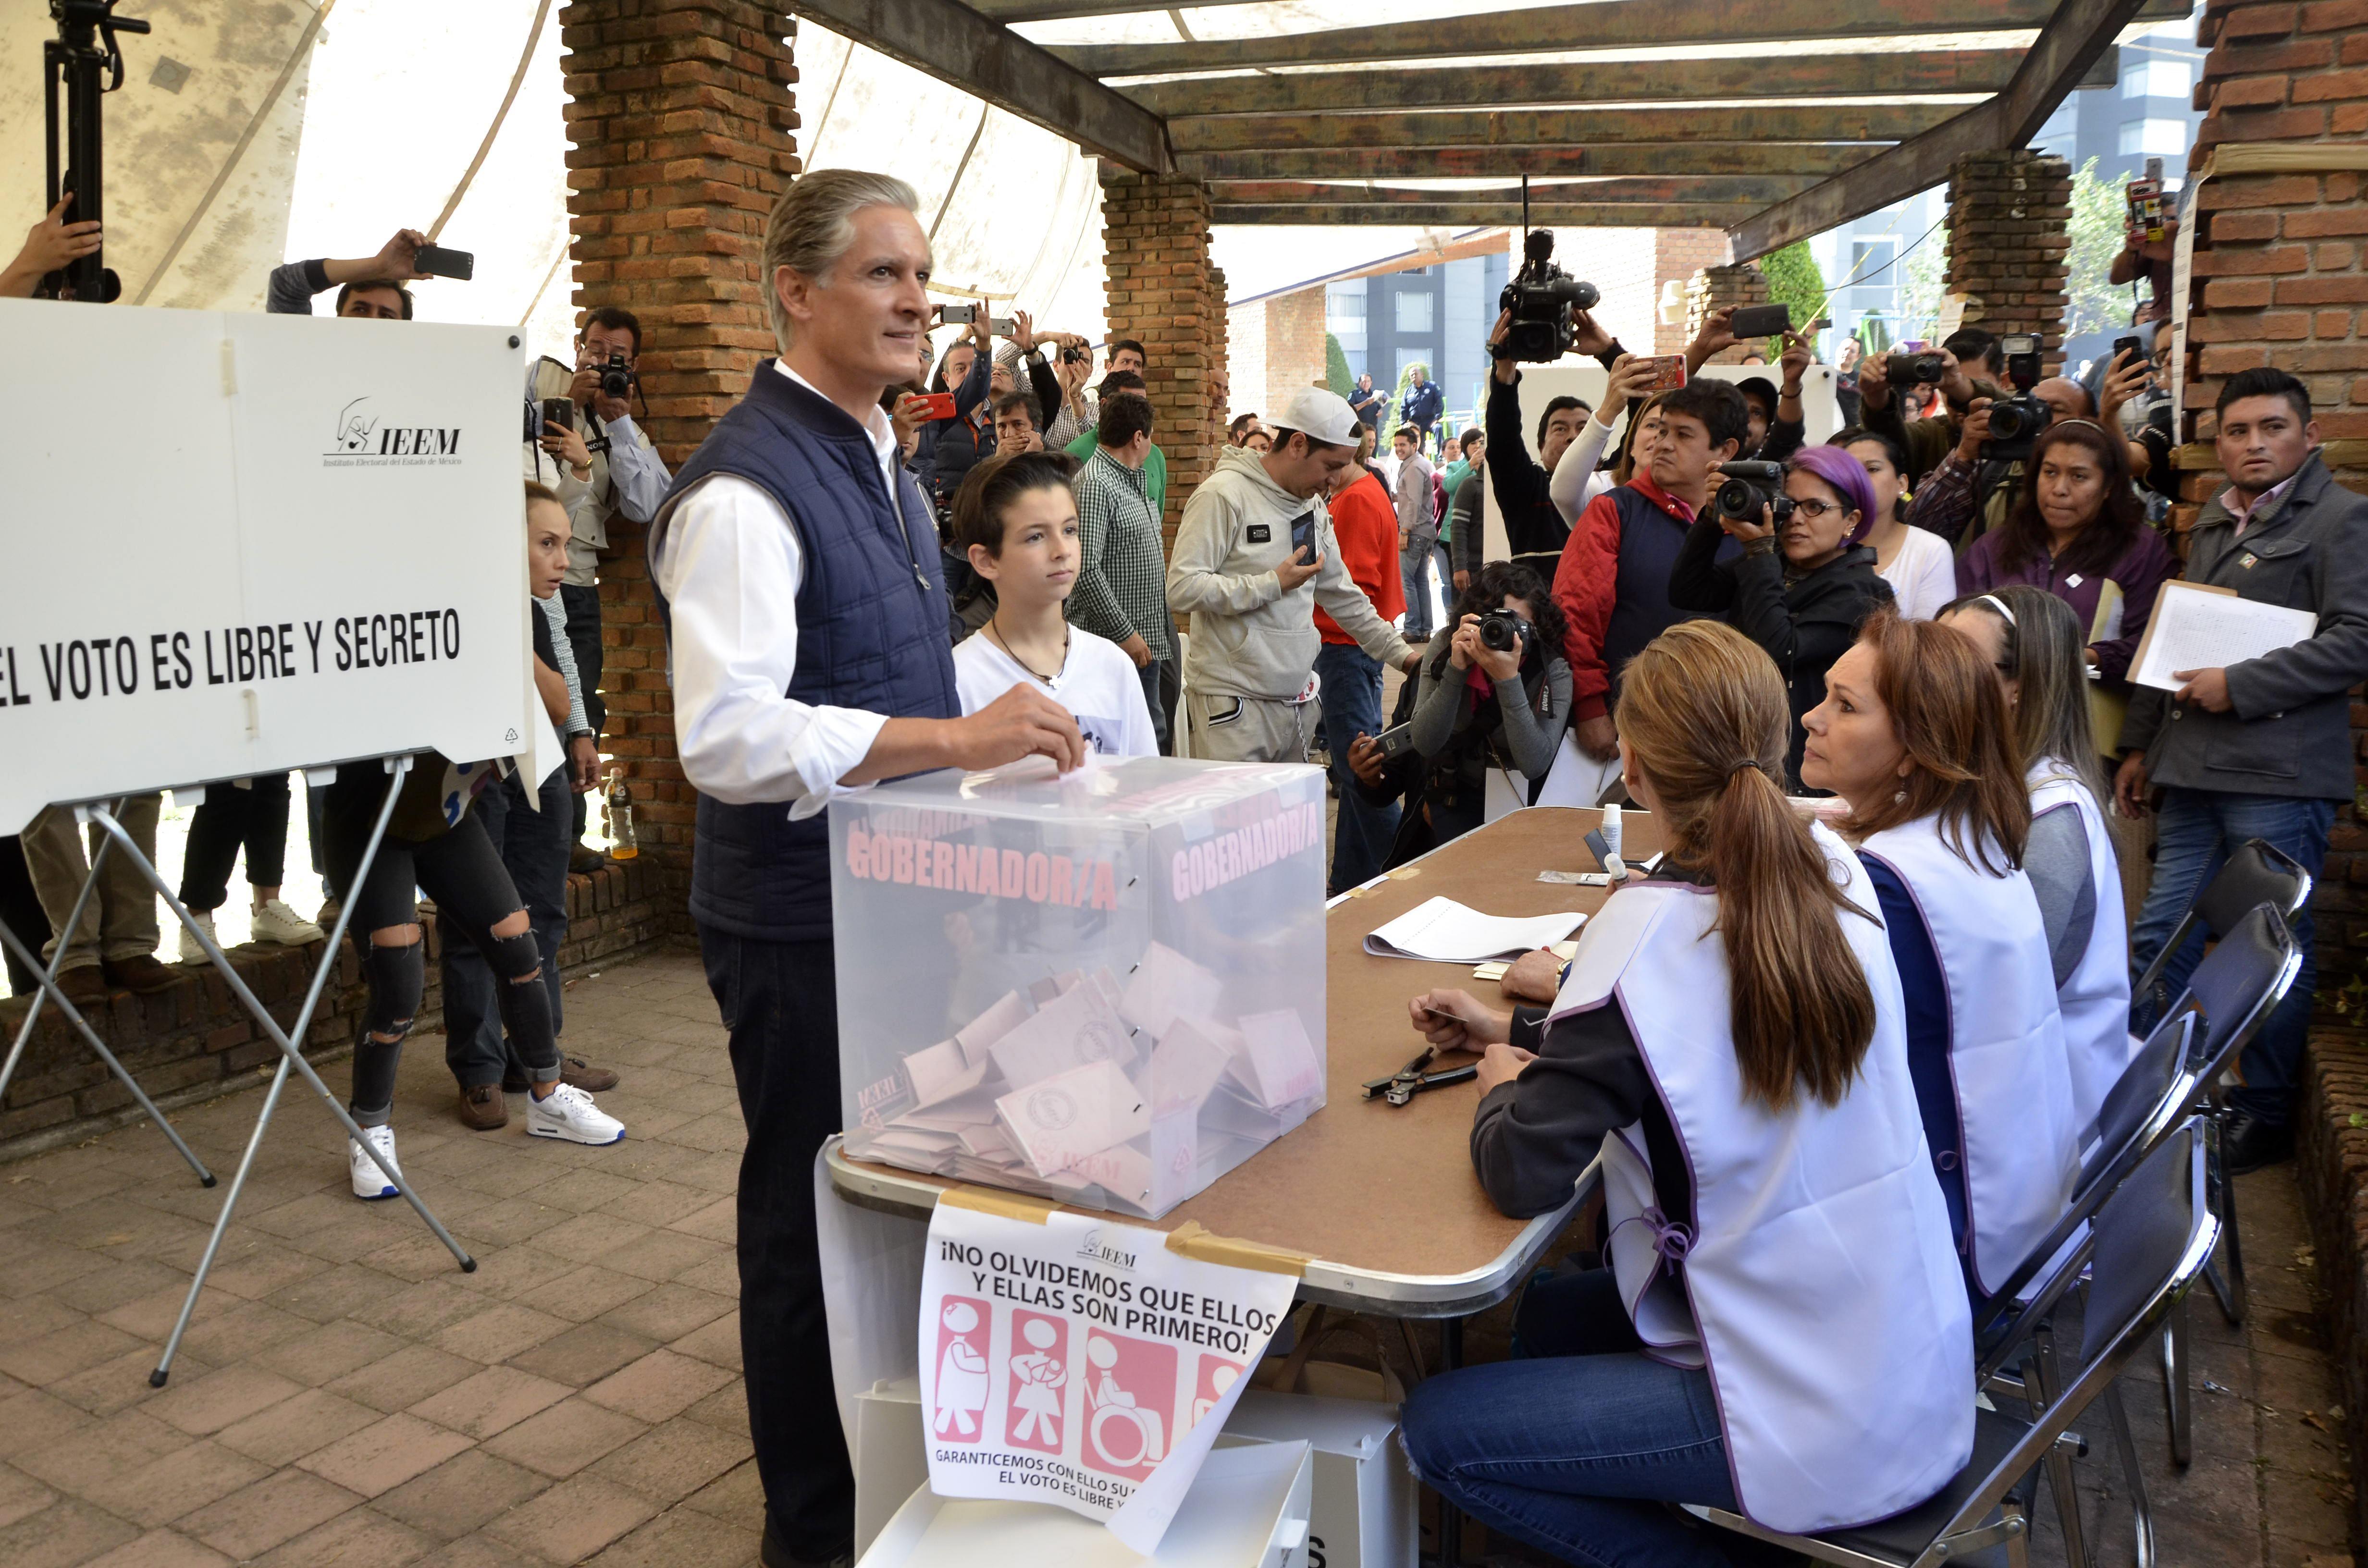 Alfredo del Mazo, elecciones 2017. / AFP PHOTO / JUAN HERNANDEZ MERCADO